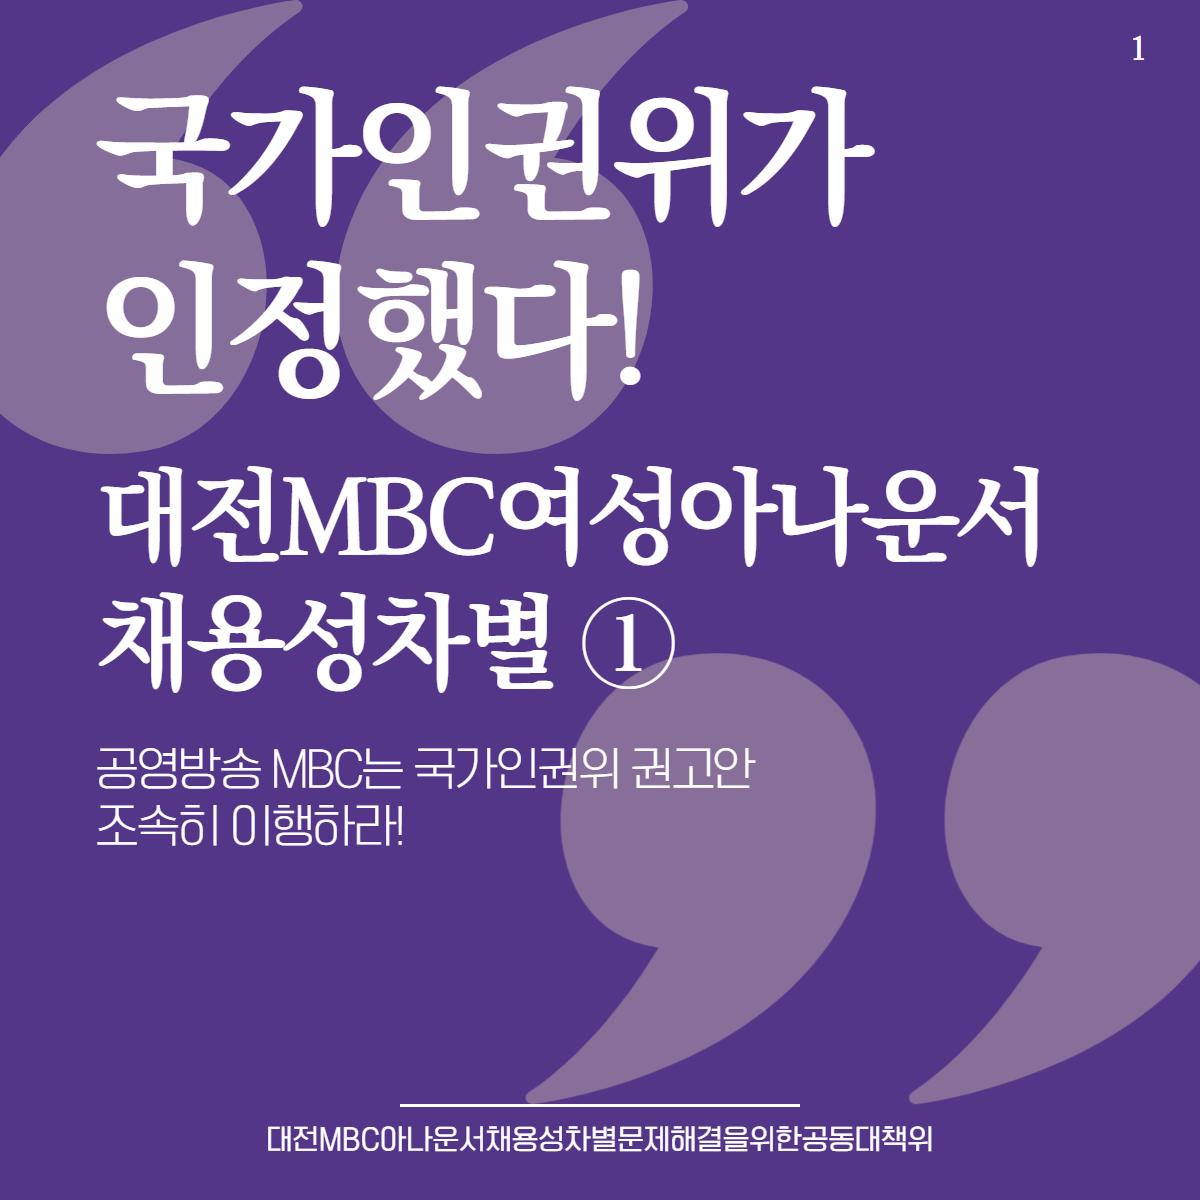 대전MBC_인권위결정1-1.png